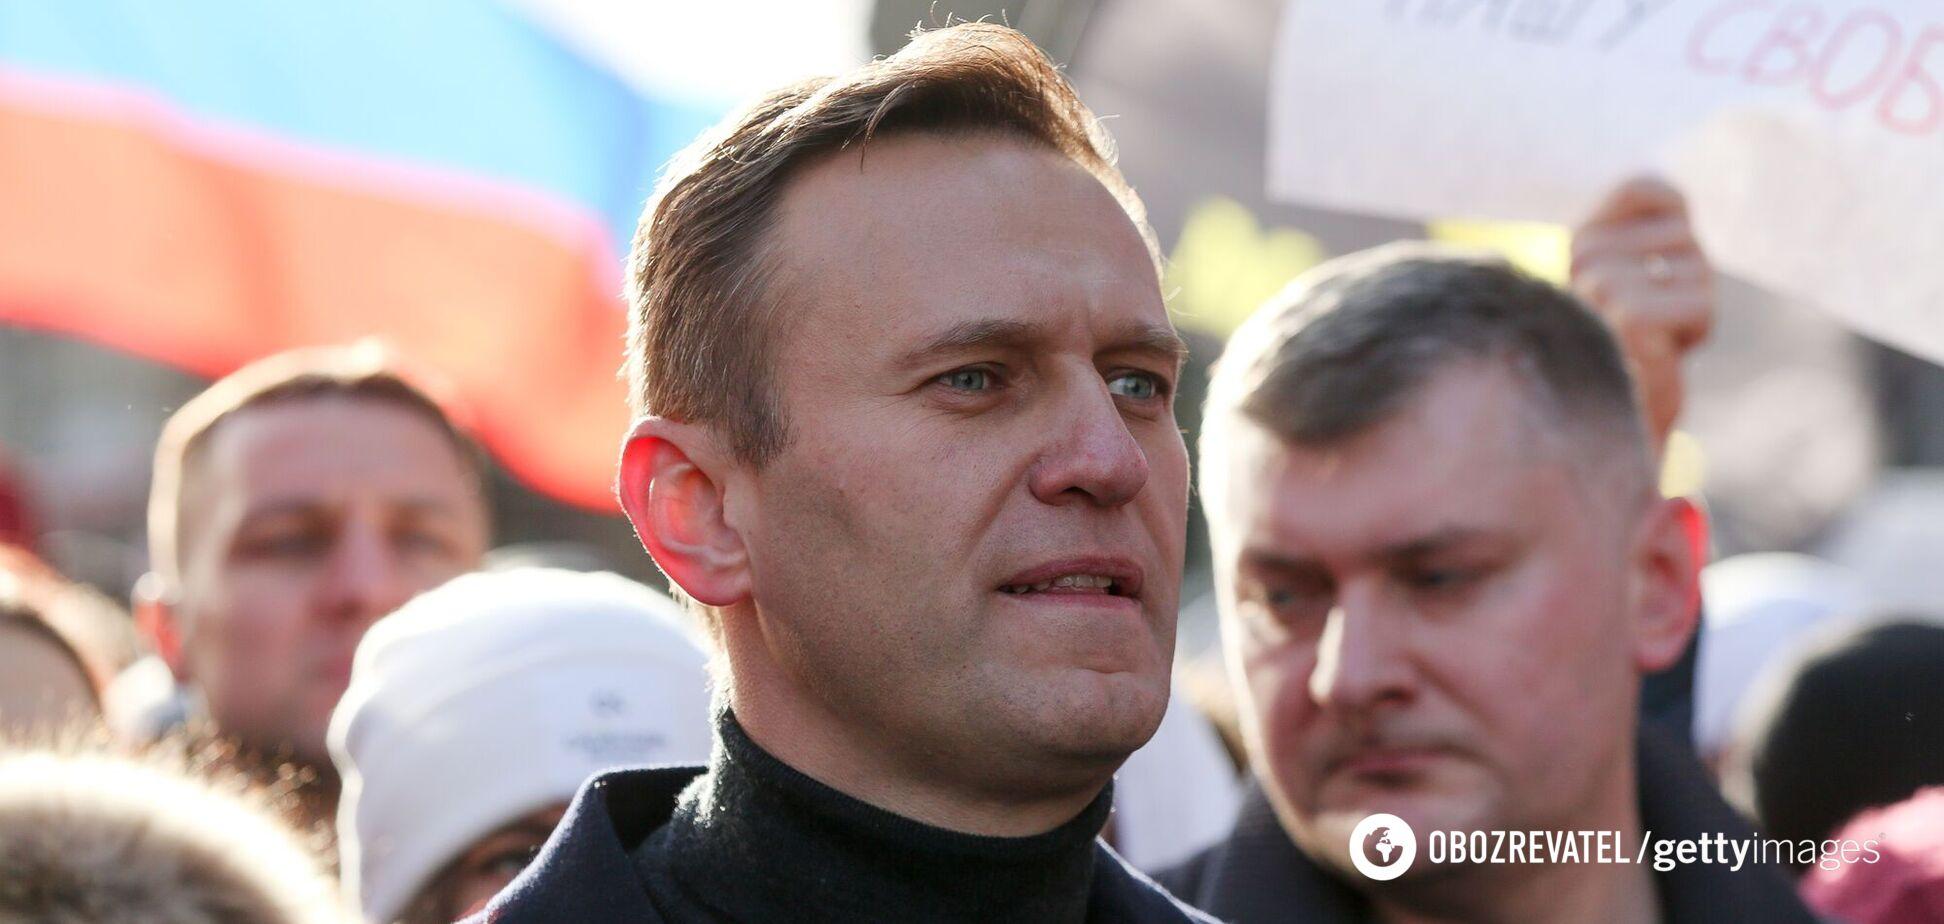 Российский оппозиционер Алексей Навальный поддержал оккупацию Крыма?